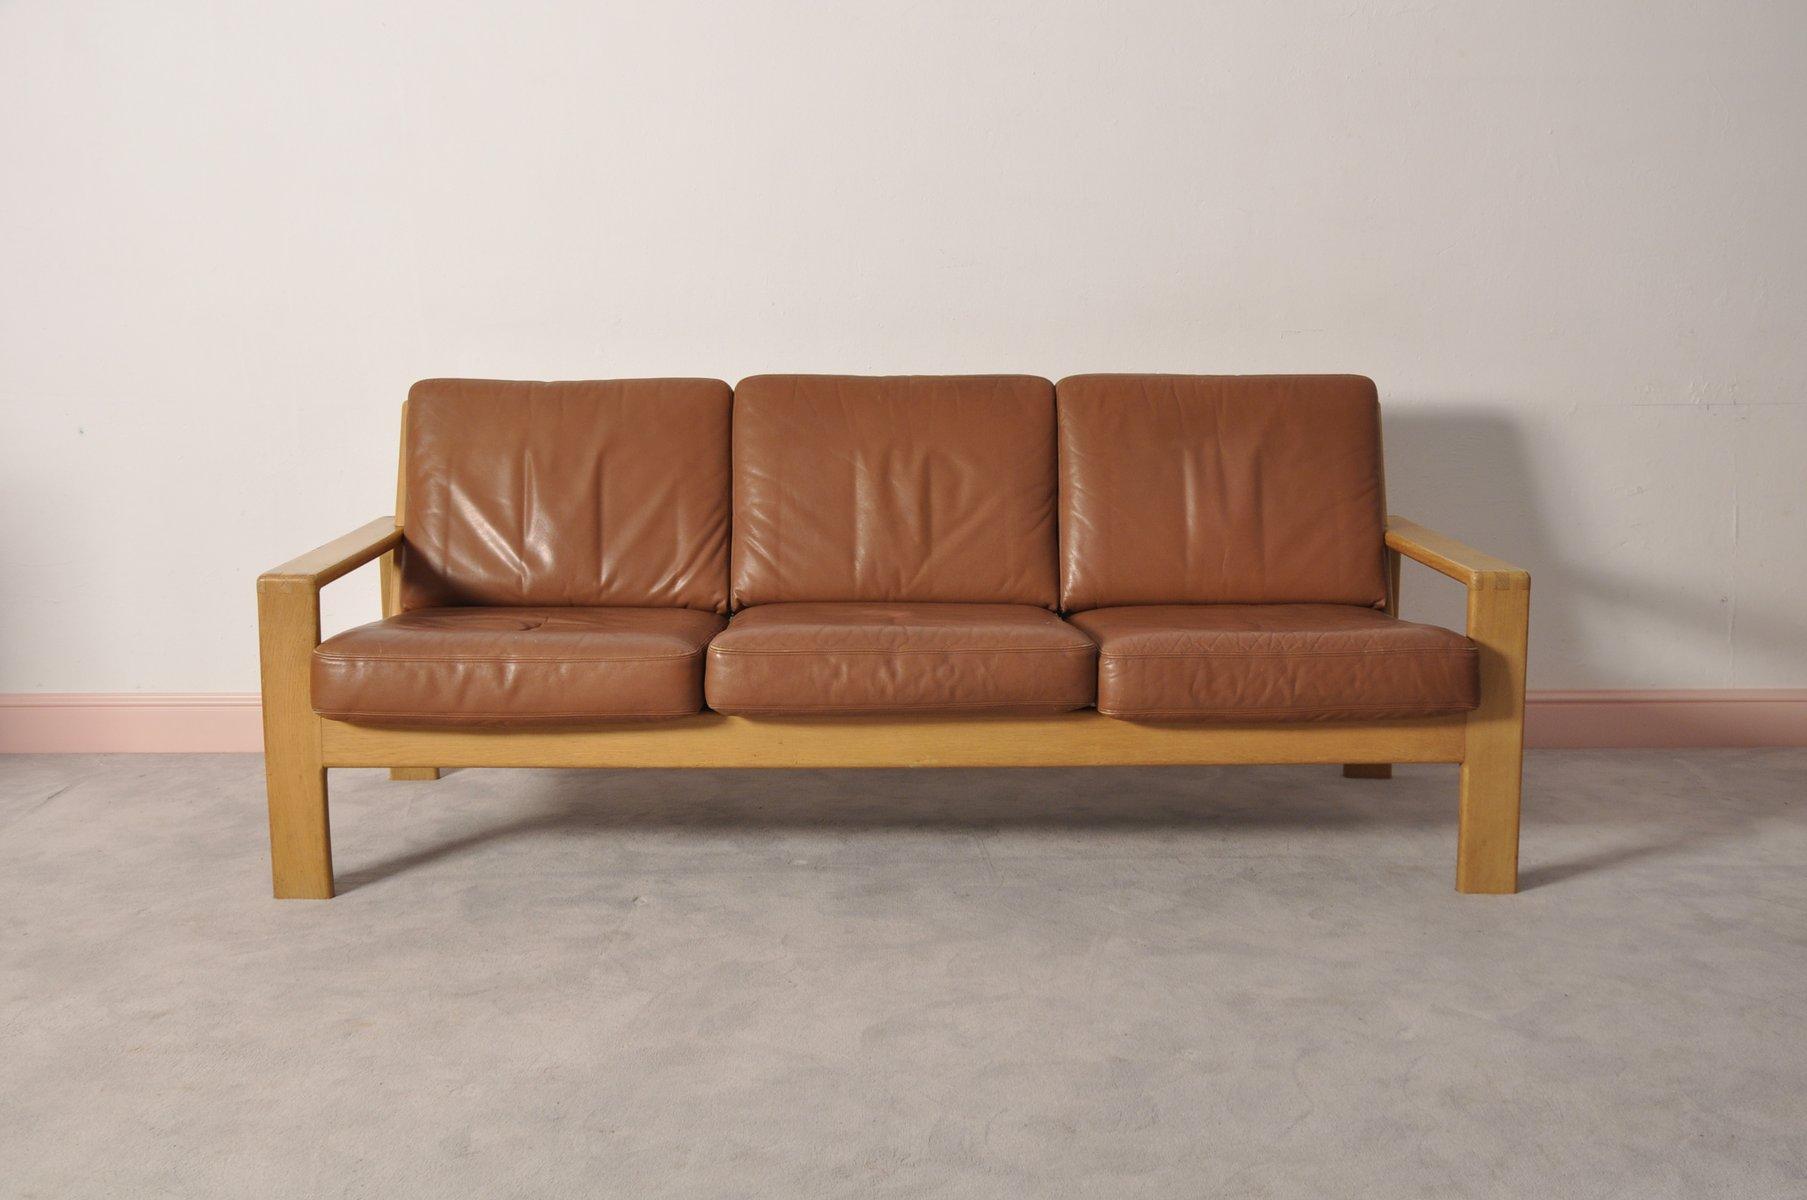 canap vintage scandinave en cuir et en ch ne 3 places. Black Bedroom Furniture Sets. Home Design Ideas